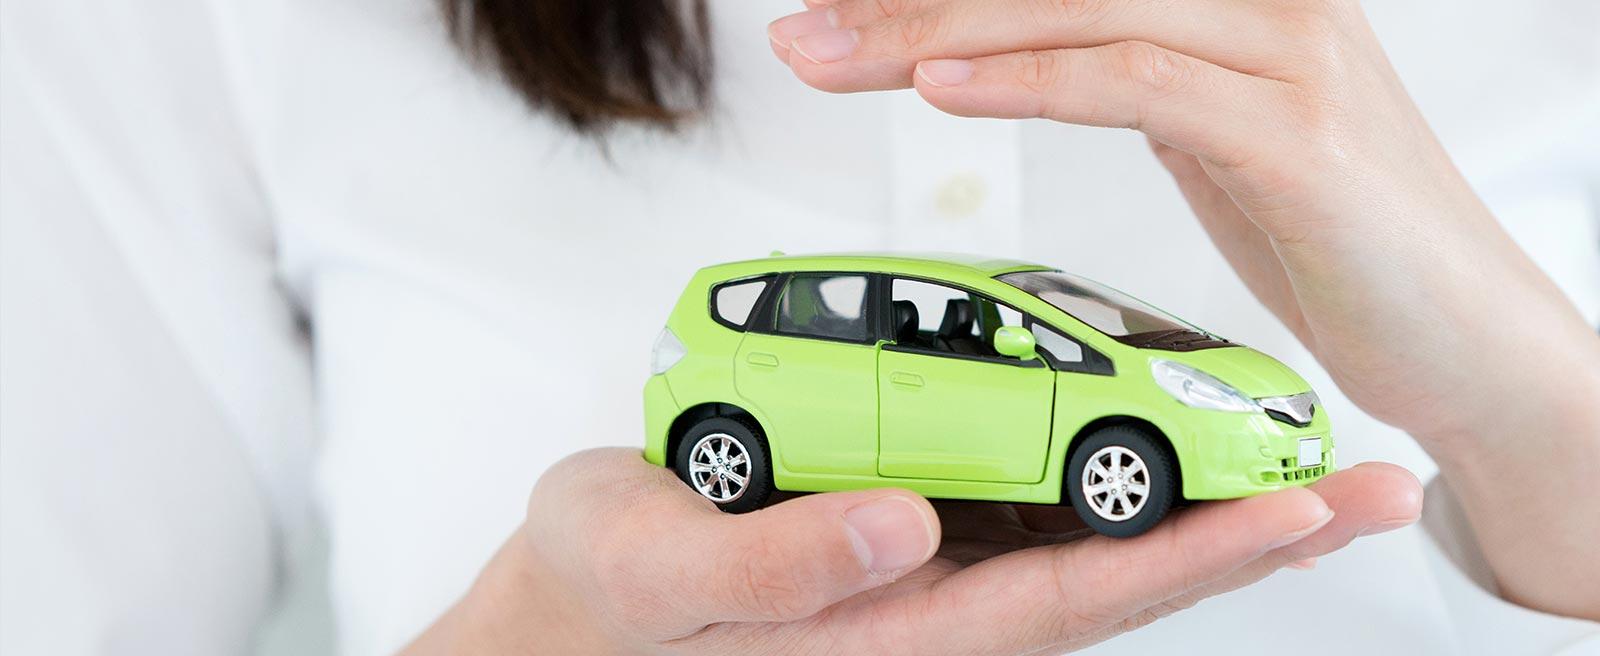 Souscrire à une assurance auto pour jeune conducteur